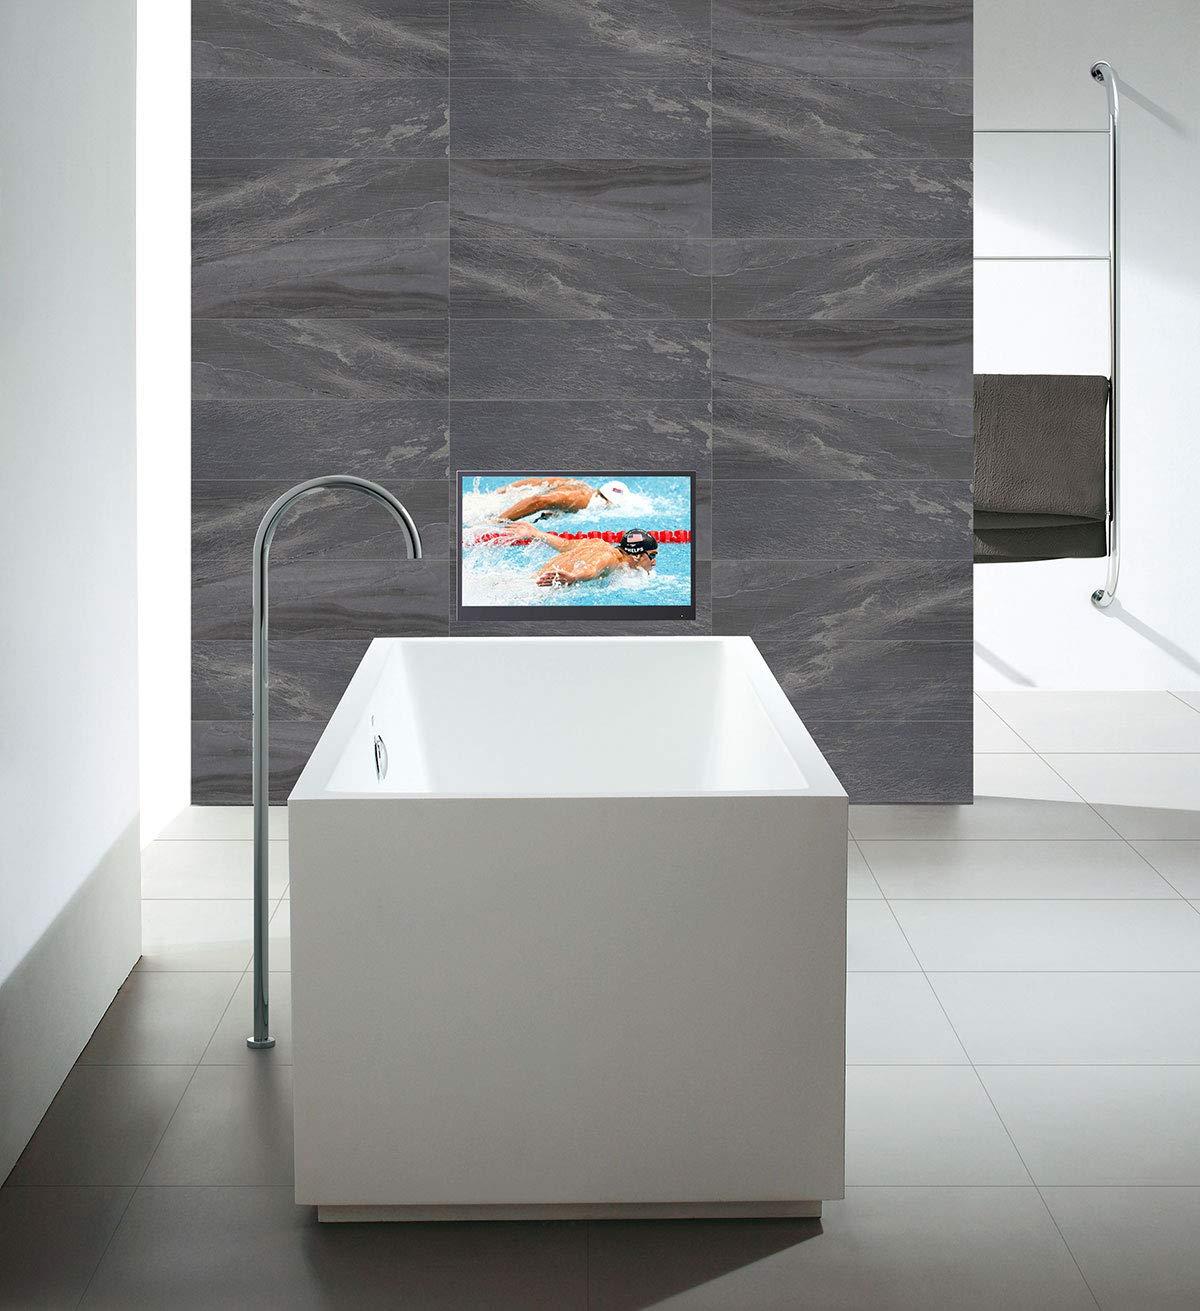 Soulaca 22 Pulgadas Smart TV Negro para Baño IP66 a Prueba de Agua ...